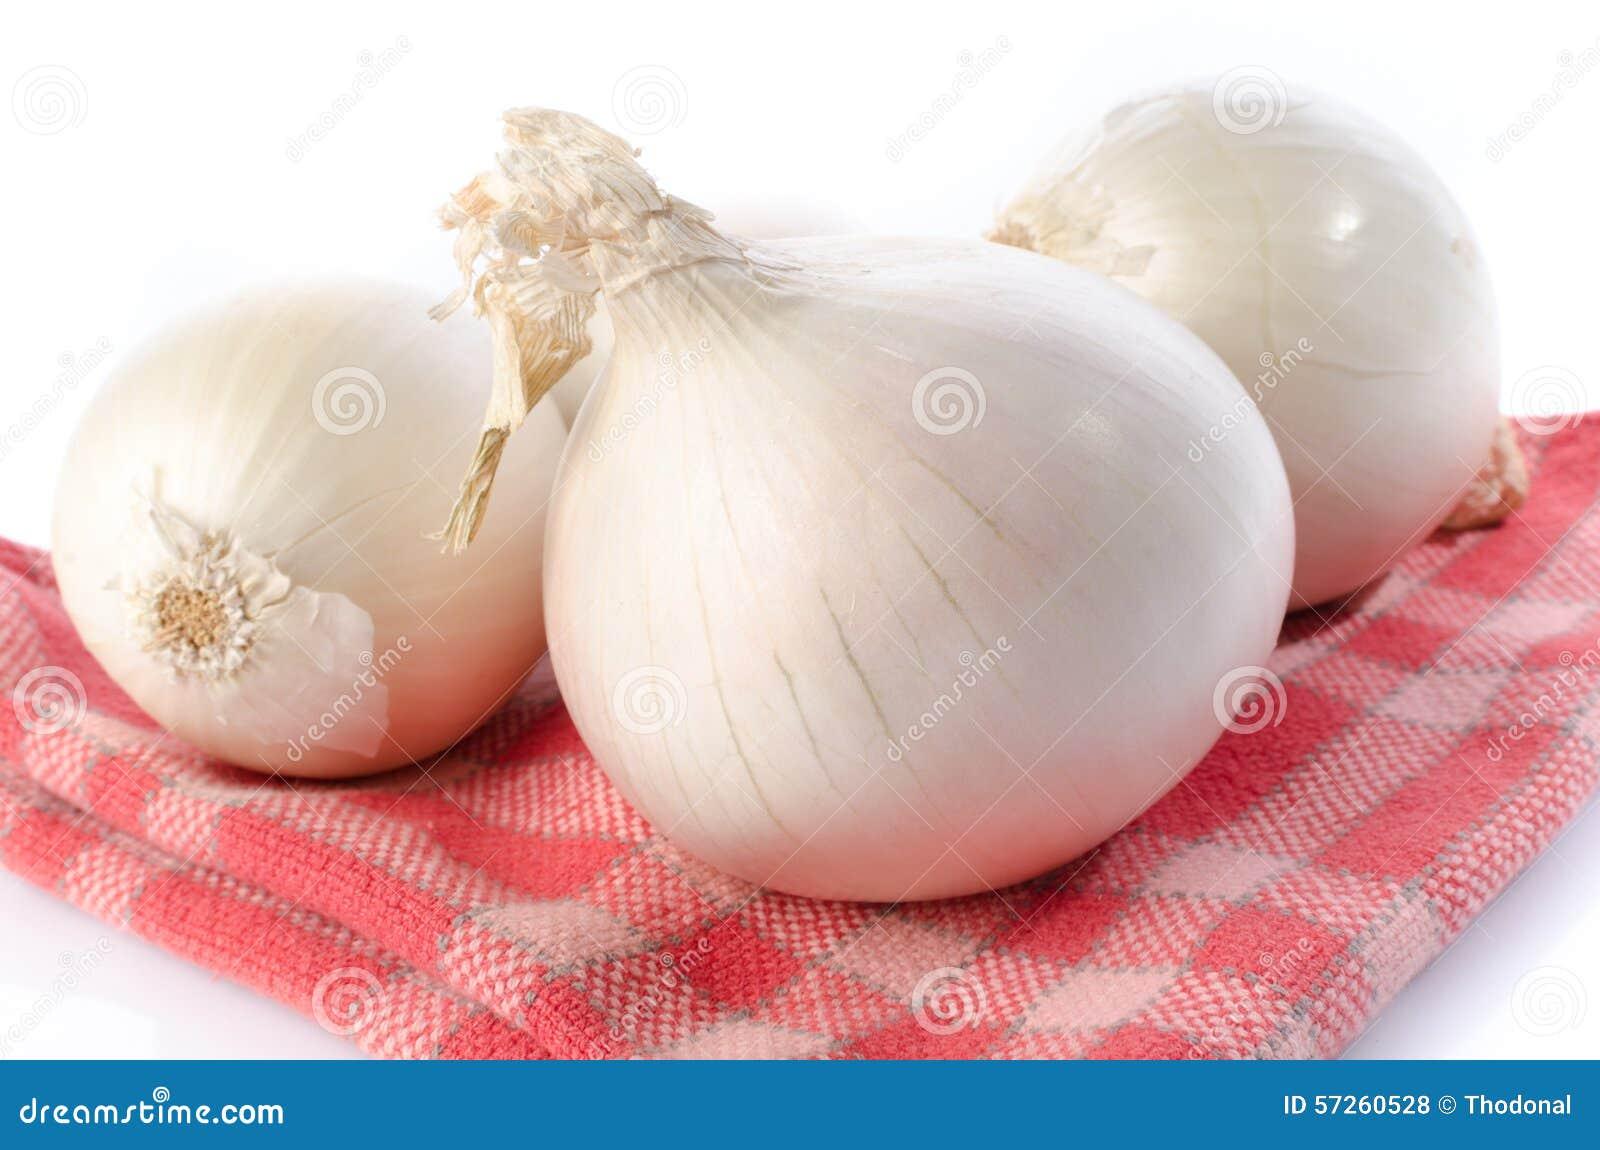 Verse witte uien op een handdoek